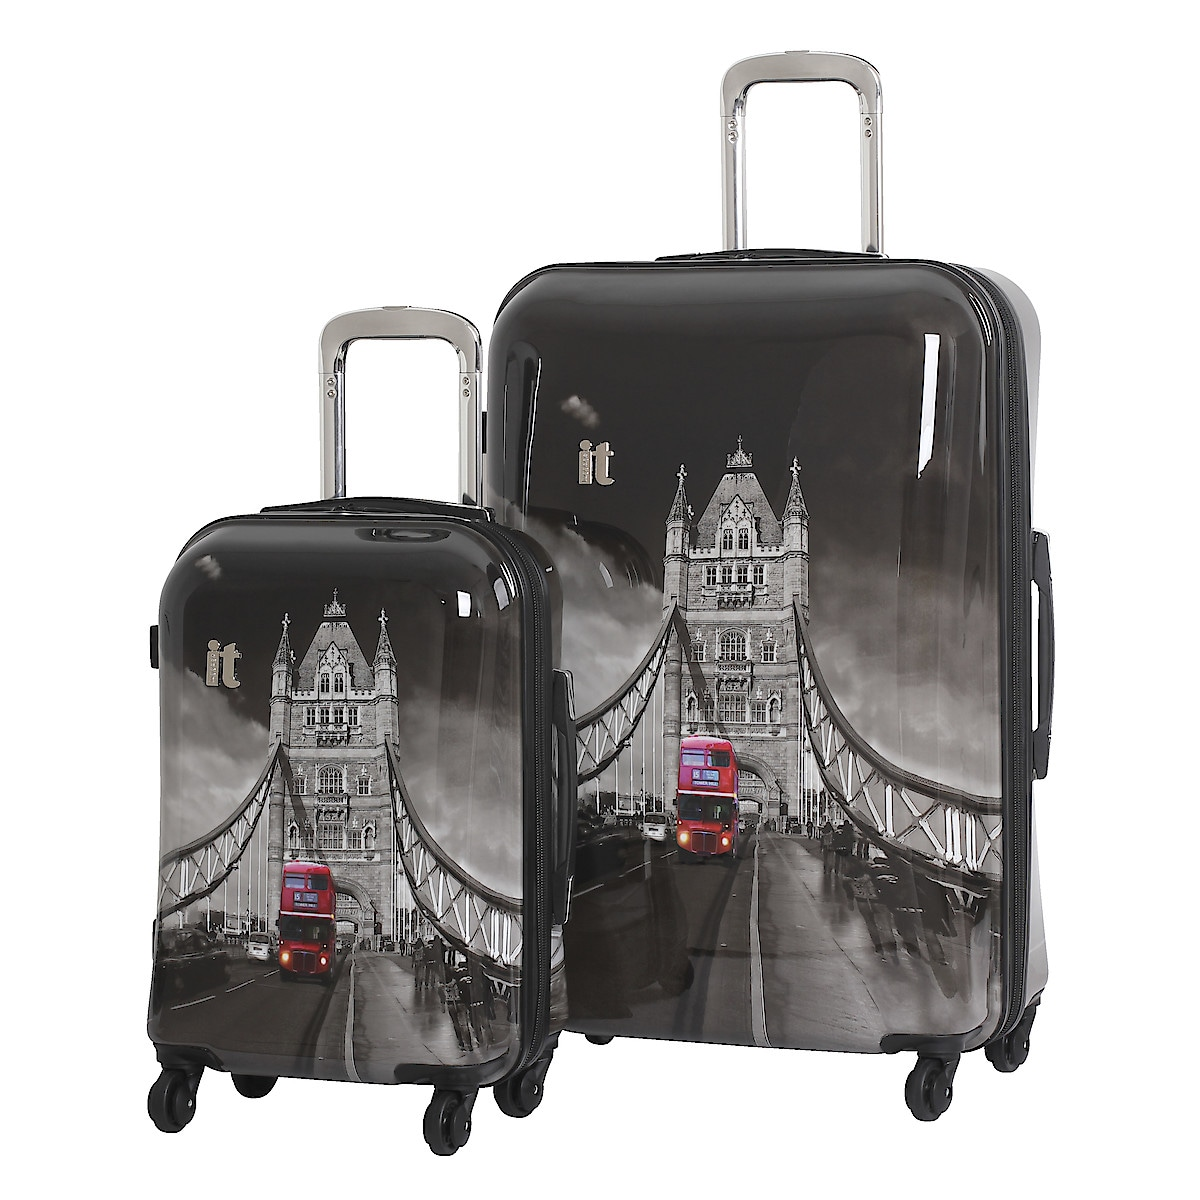 Asaklitt Trolley Case Set